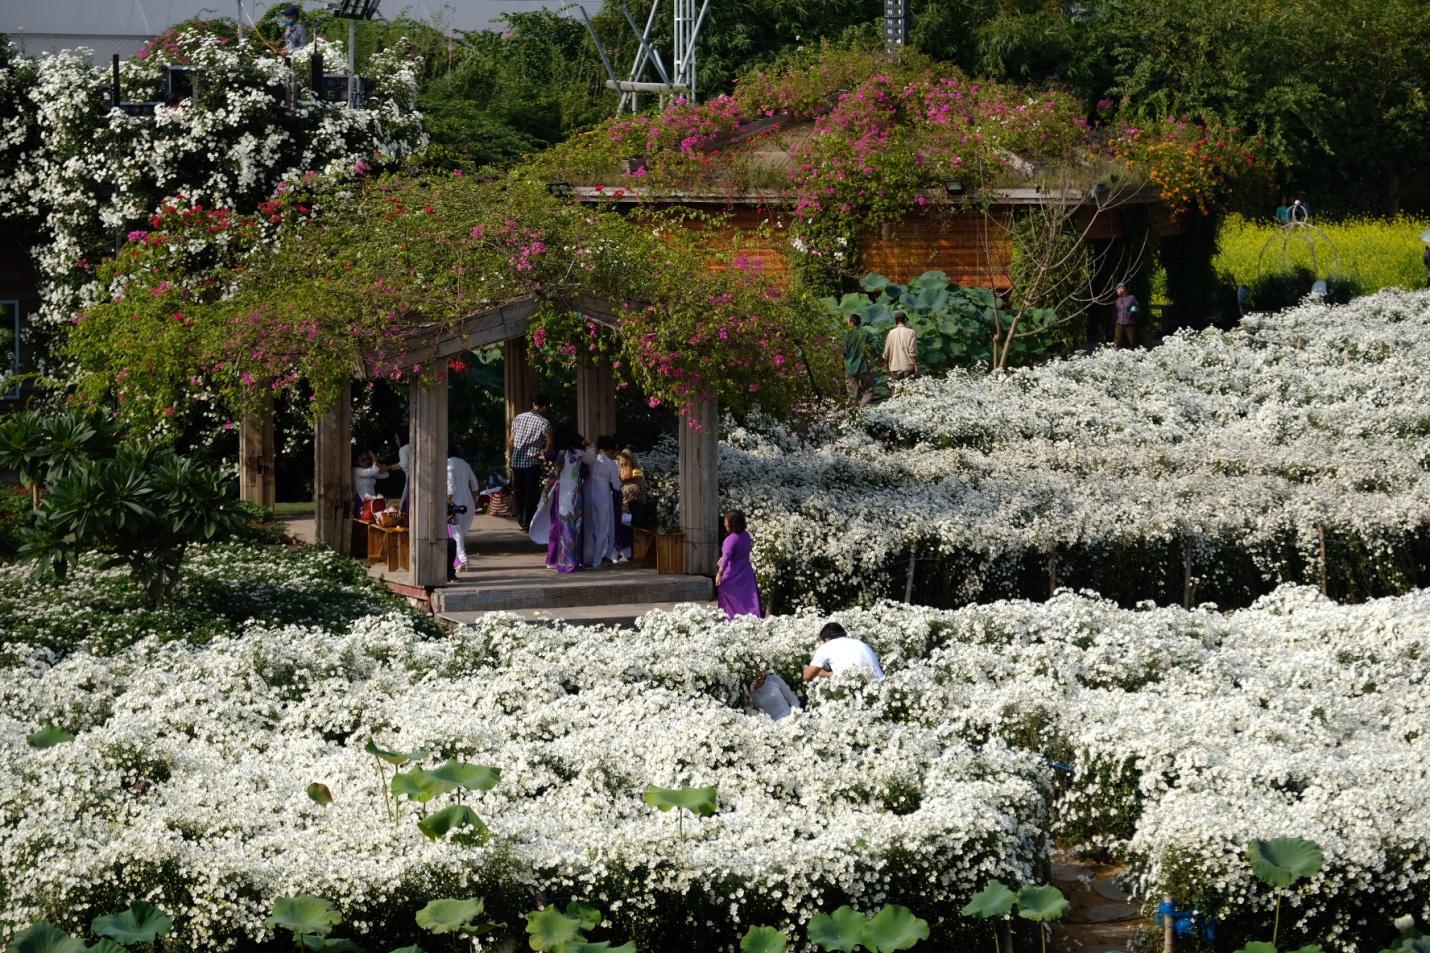 Địa điểm check-in các loài hoa đẹp bậc nhất trên thế giới nằm giữa lòng Hà Nội - Ảnh 2.